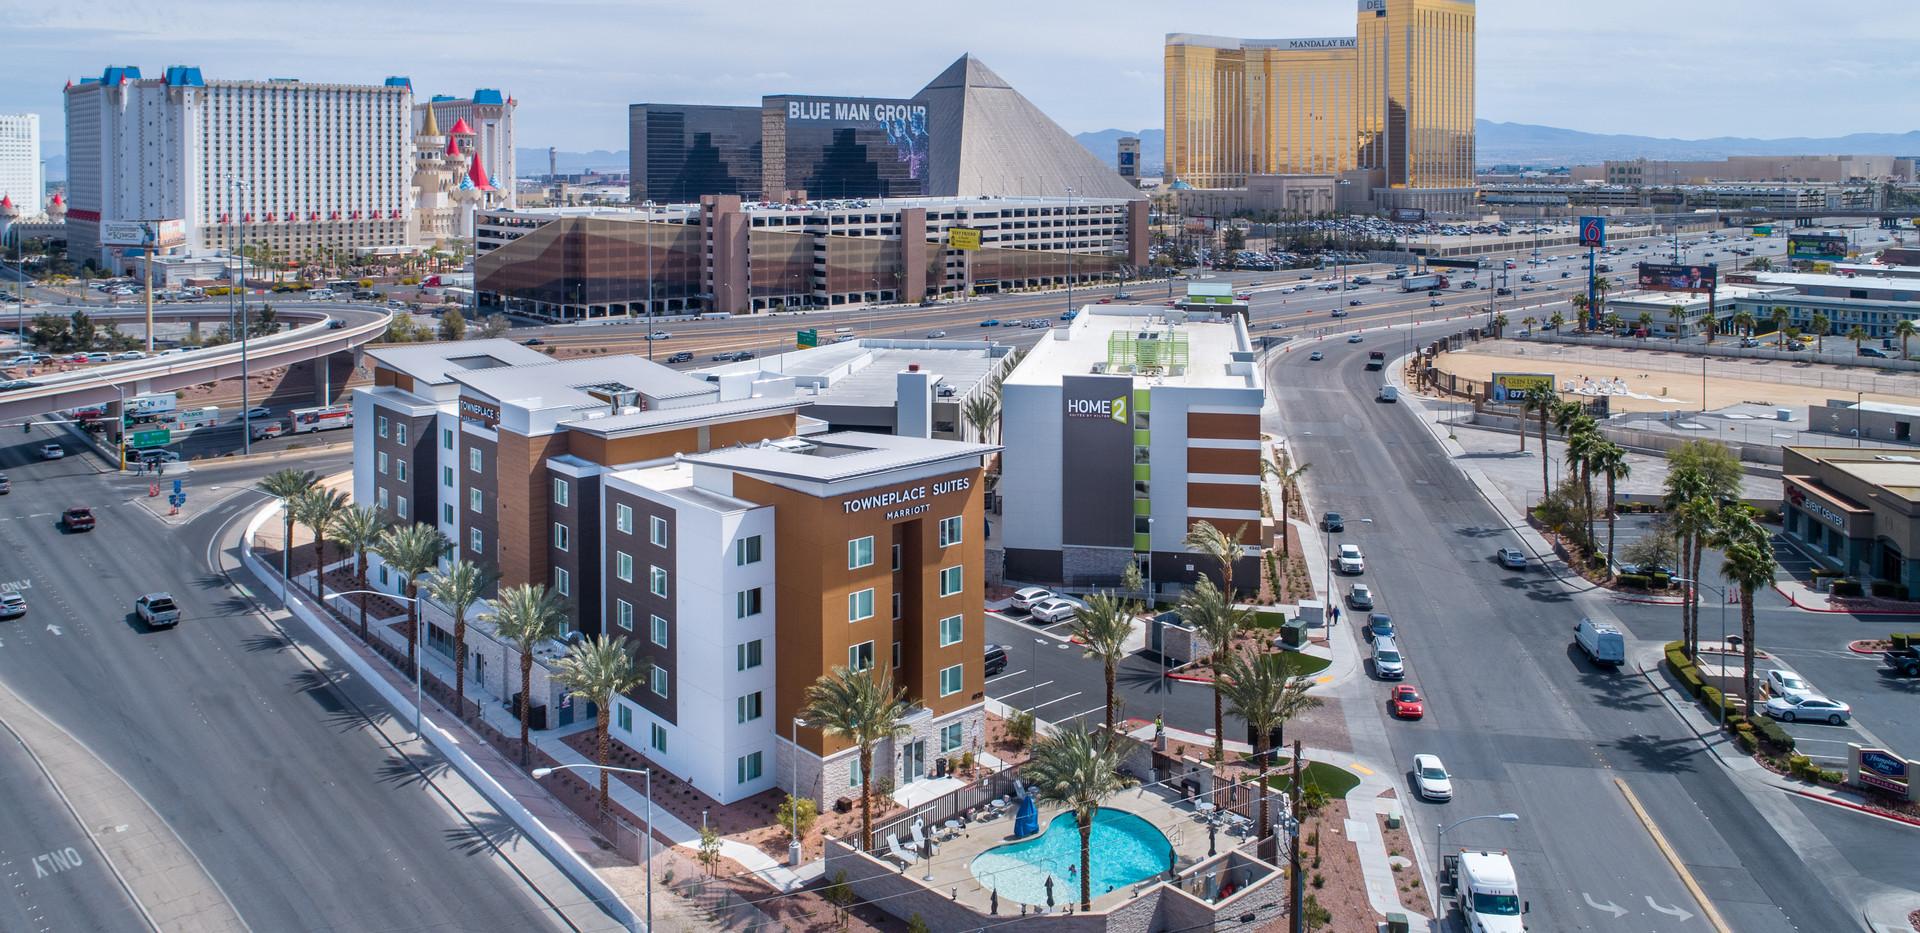 Home2_Towneplace_Vegas_Stills (9).jpg